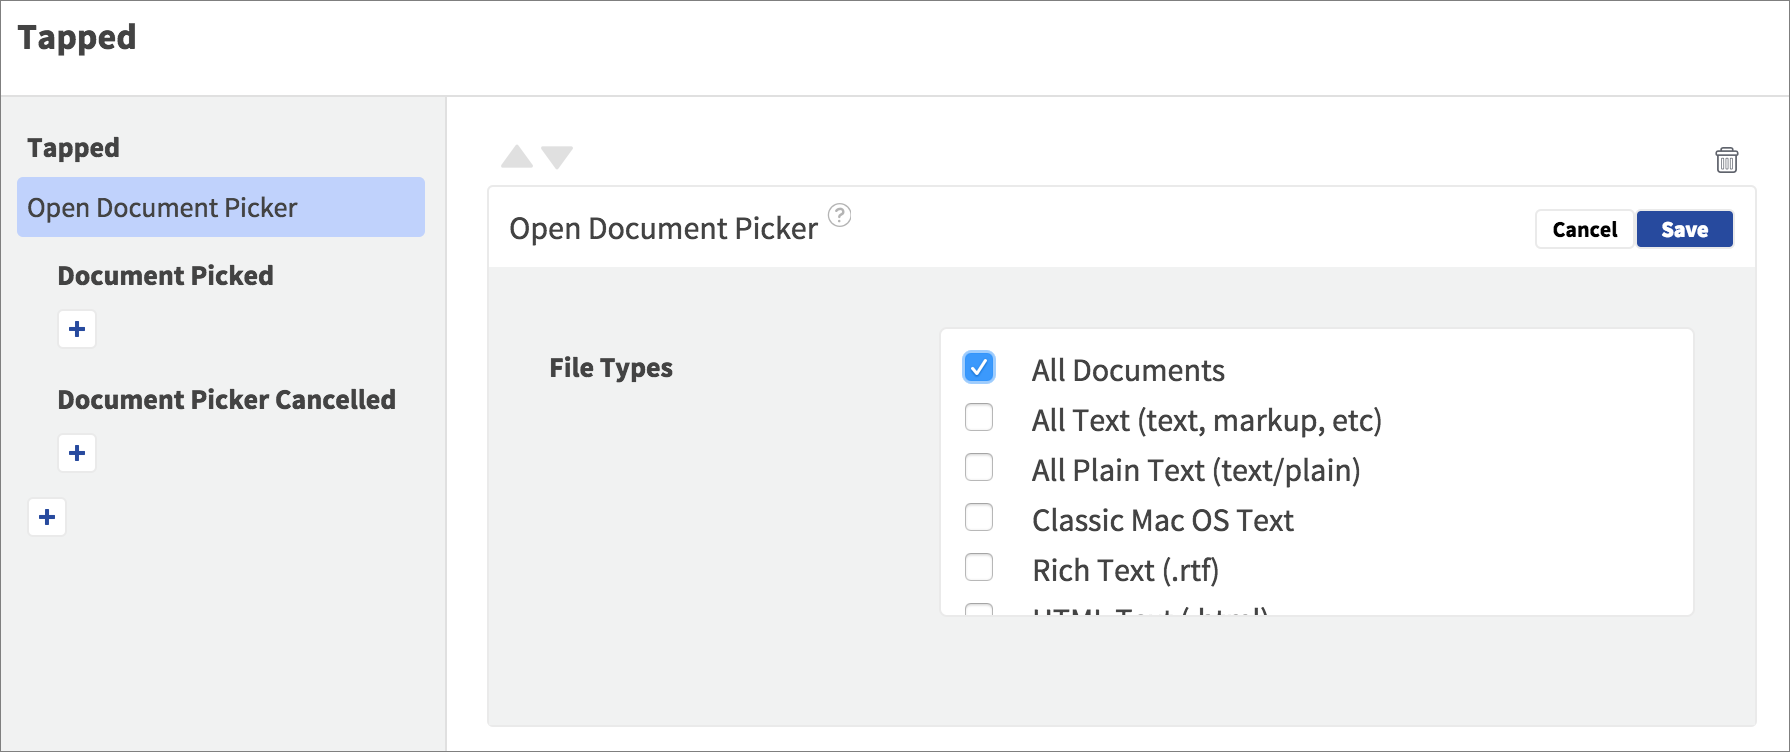 open document picker